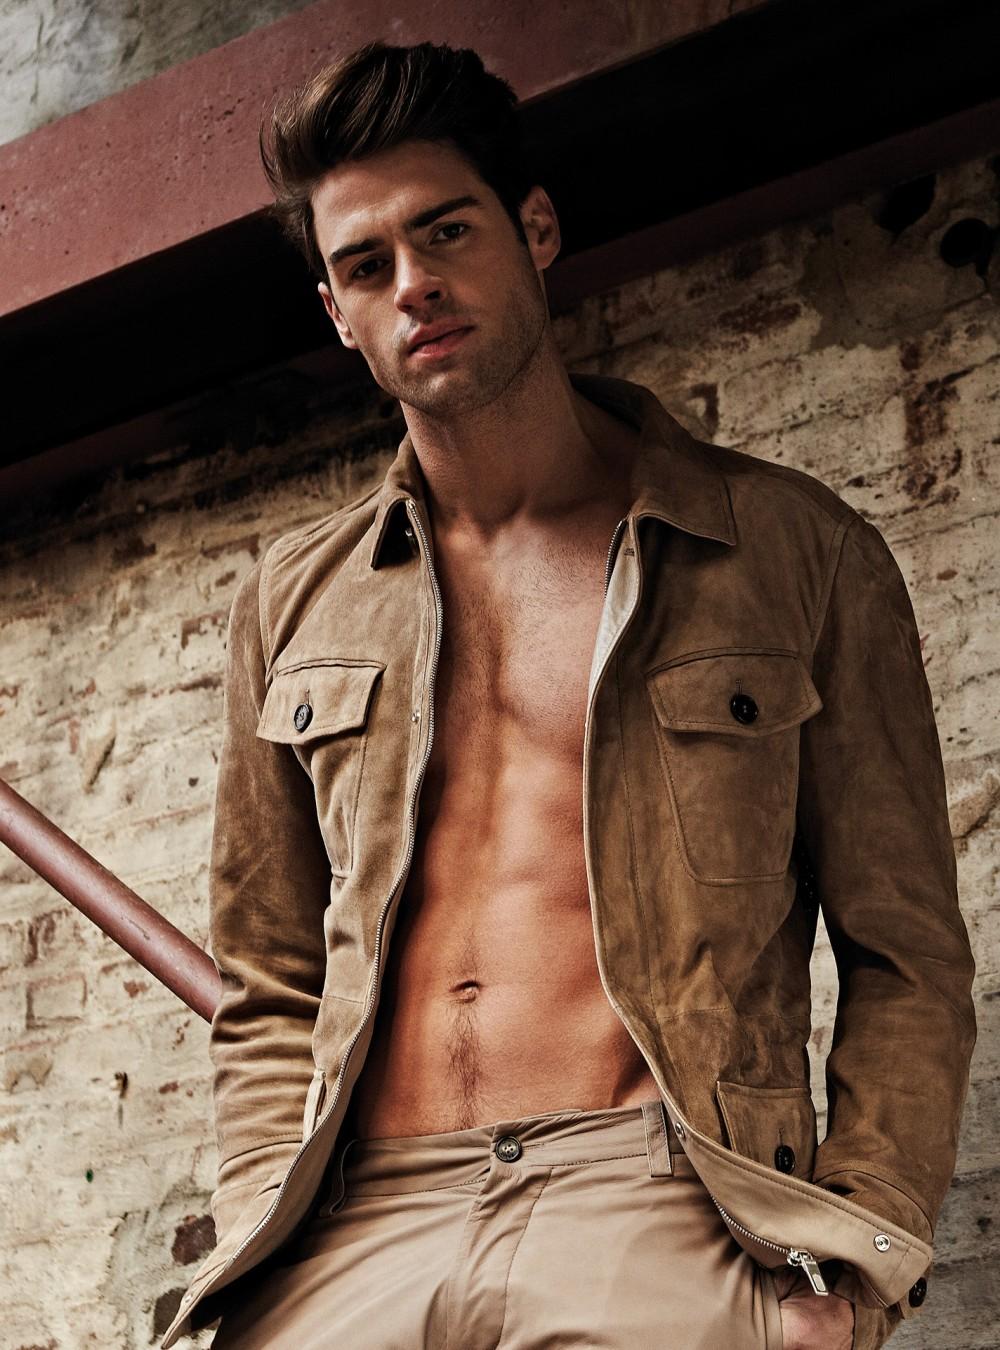 Американские модели мужчины фото